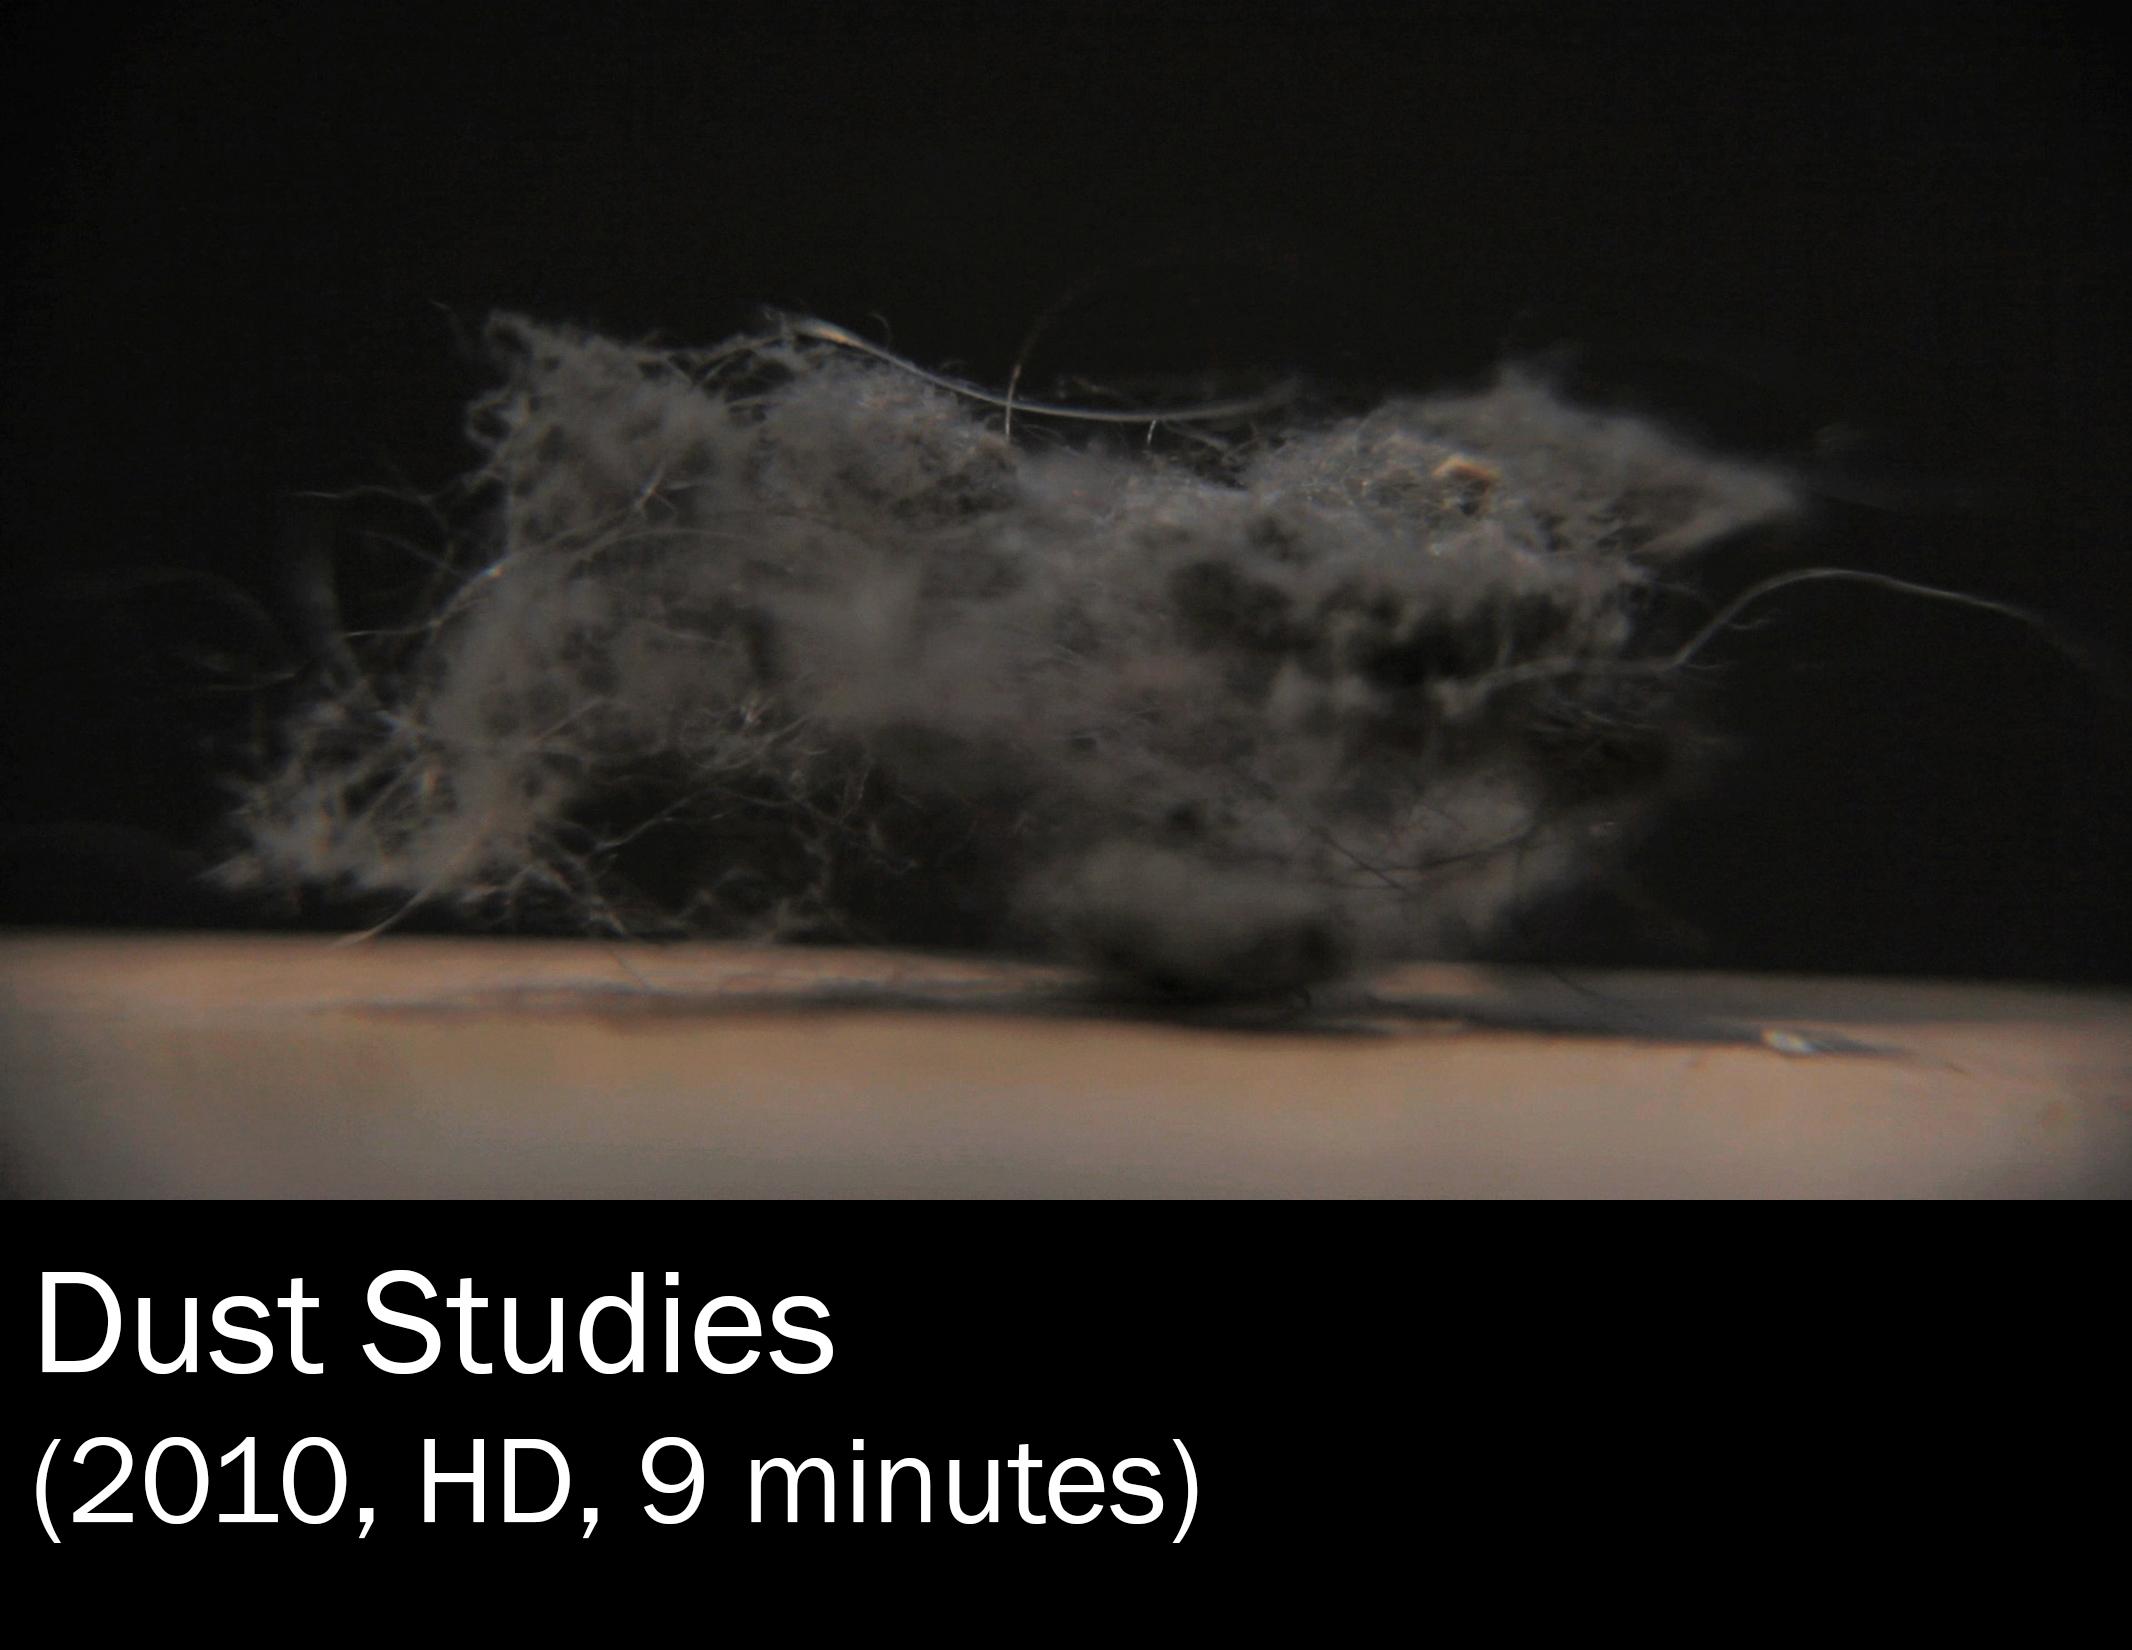 dust_studies_prepped_for_gallery_2.jpg